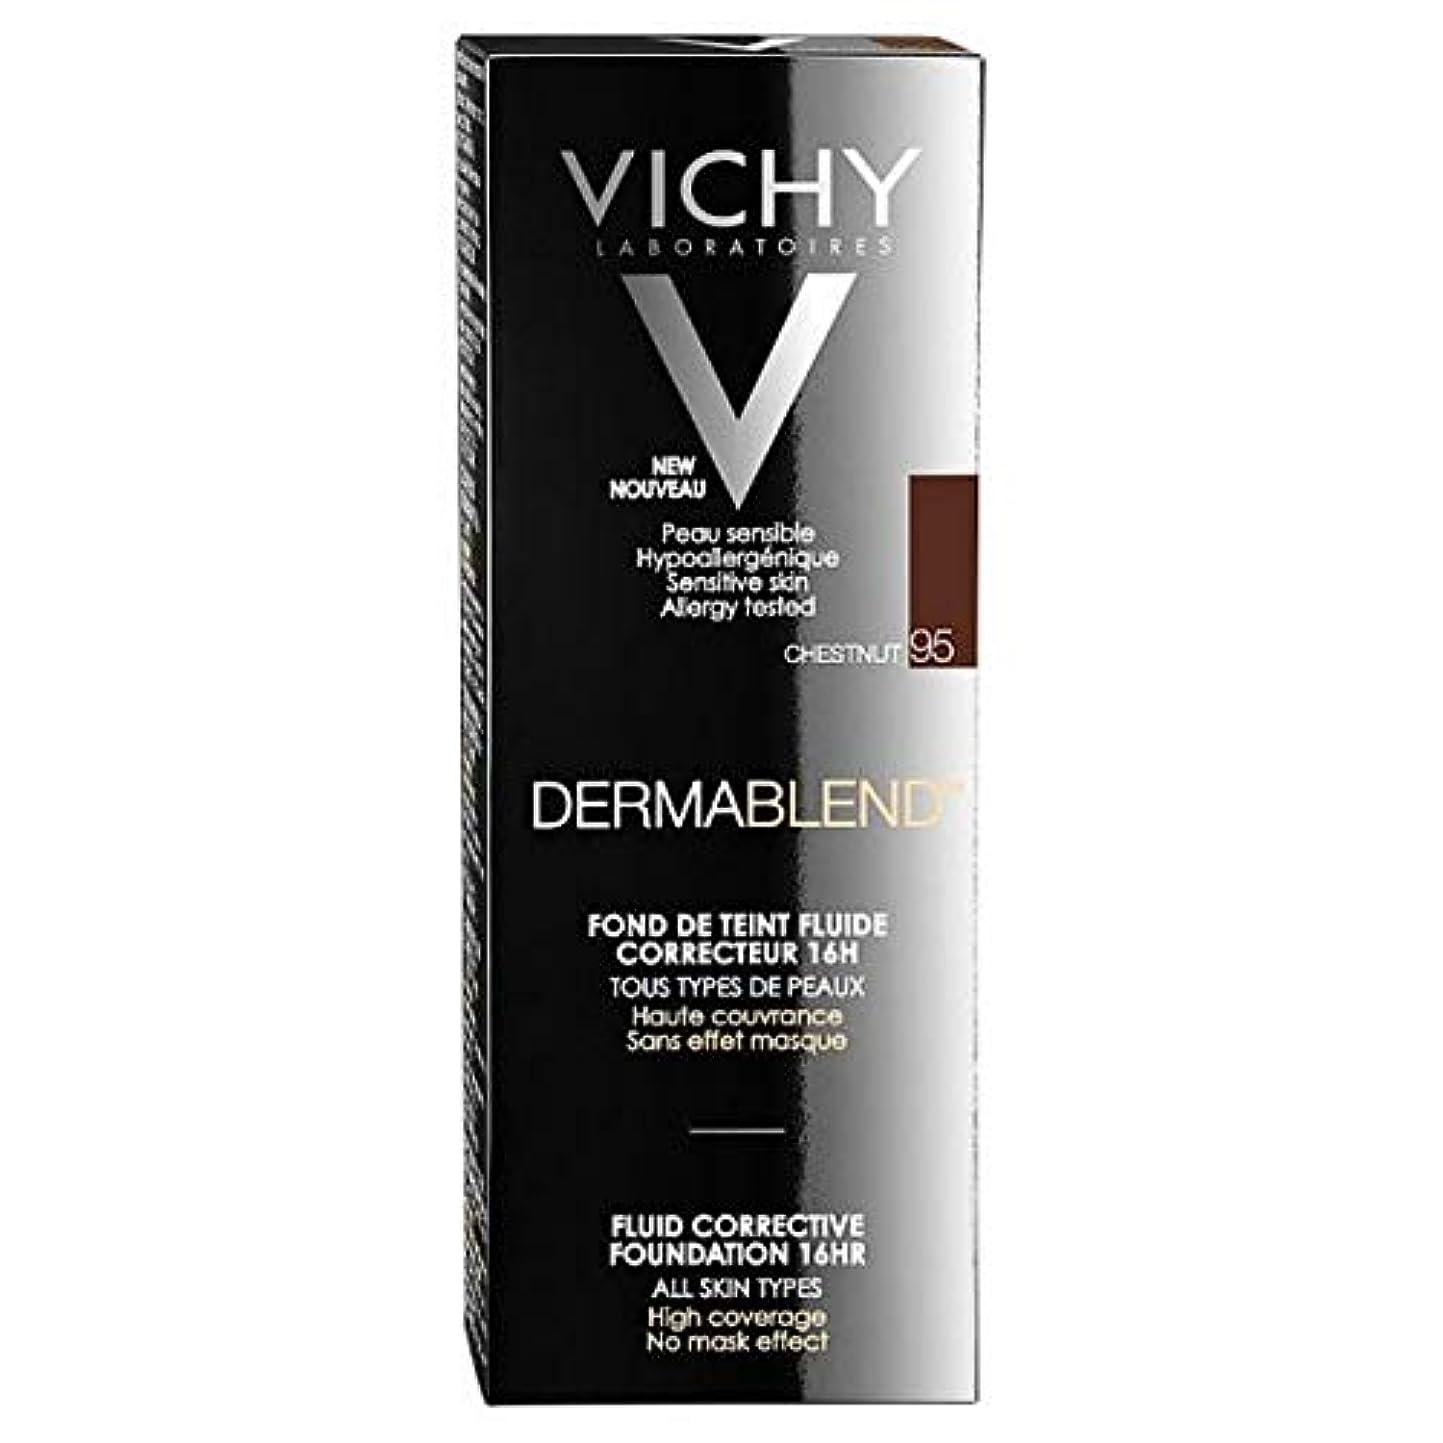 くしゃみ無傷ルビー[Vichy ] ヴィシーDermablend流体是正基盤95 30ミリリットル - Vichy Dermablend Fluid Corrective Foundation 95 30ml [並行輸入品]